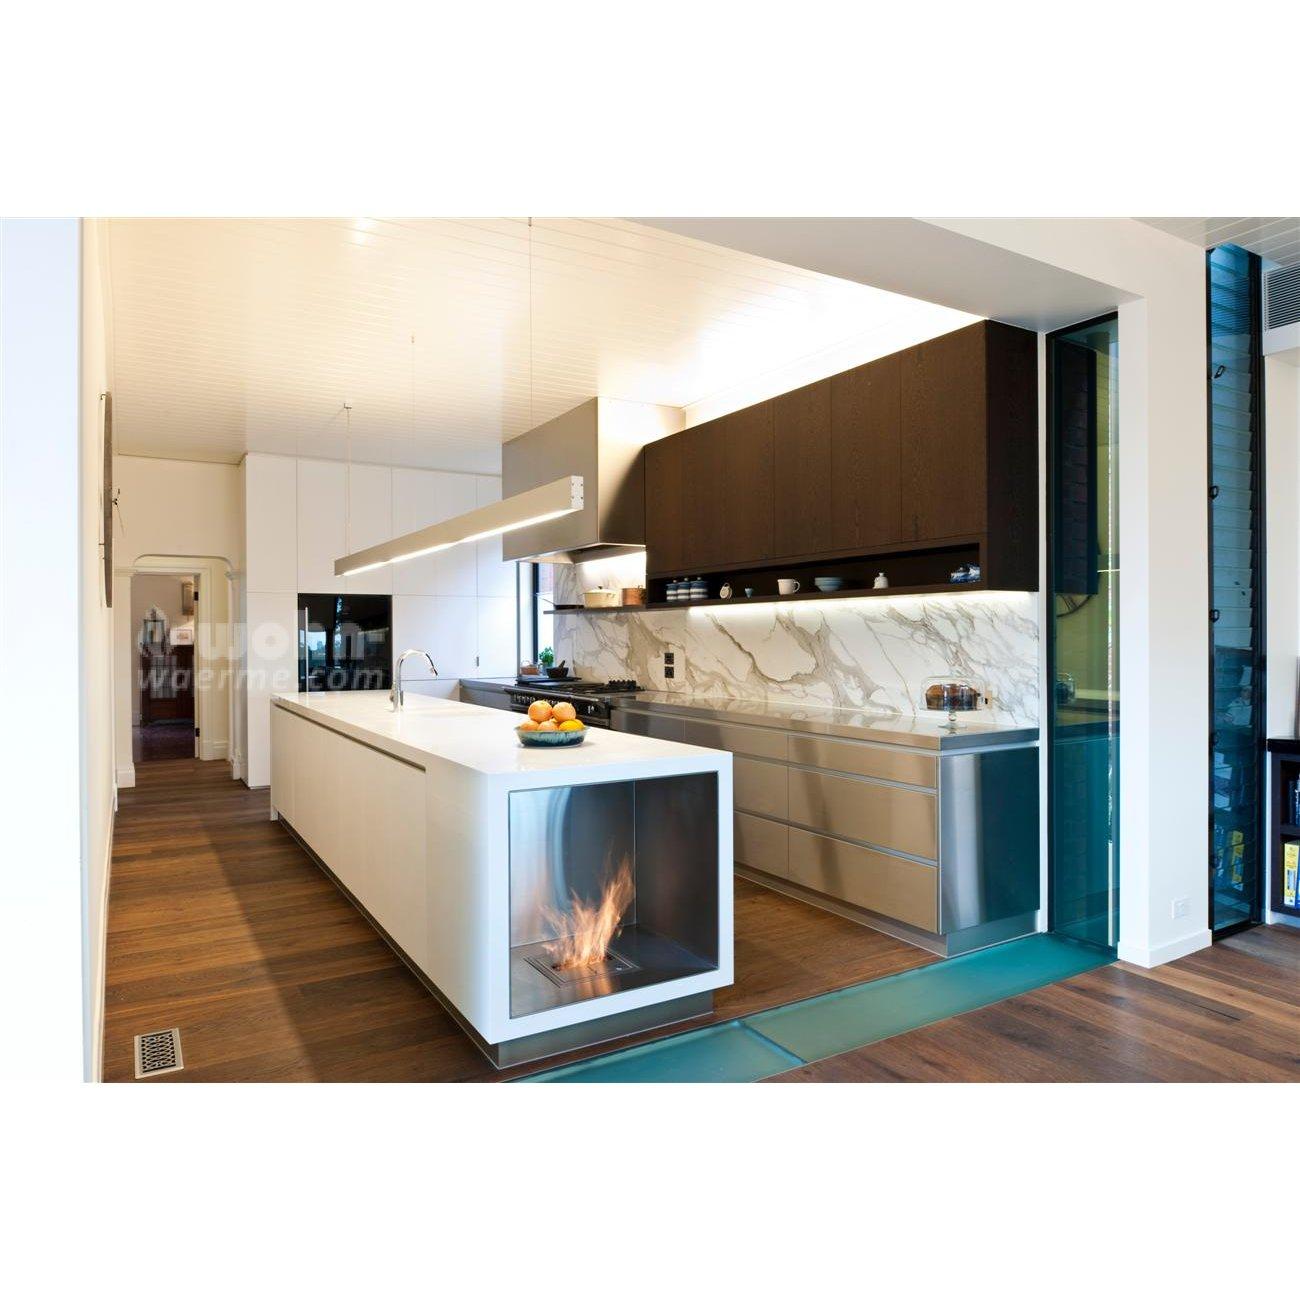 ethanol kamin einbau individueller einbau ethanol kamin montreal von decoflame ebios fire. Black Bedroom Furniture Sets. Home Design Ideas